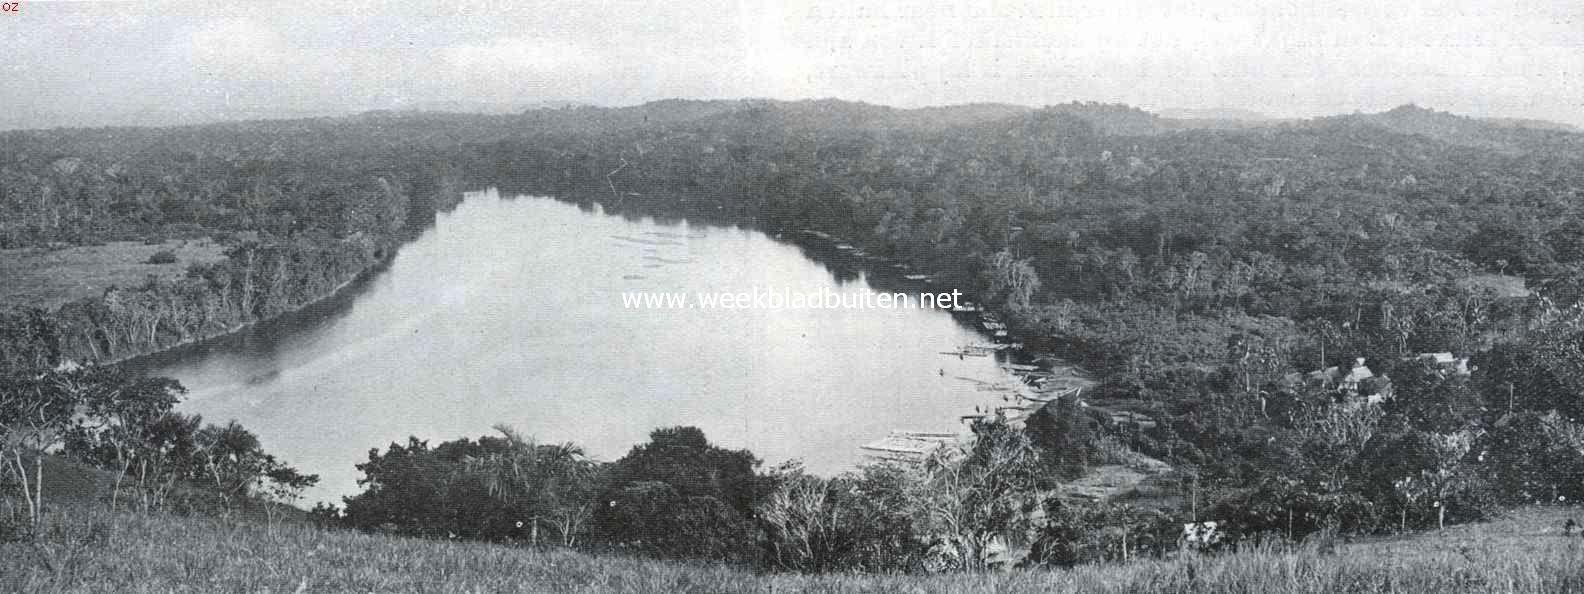 Een Afrikaansche samenleving in het binnenland van Suriname. De Boven-Surinamerivier bij de vestiging Berg en Dal van de Evangelische Broedergemeente. Rechts in den hoek de toren van het kerkje. Berg en Dal is thans z.g. houtgrond; vroeger was daar een der oudste plantages, die reeds uit den Engelschen tijd vóór 1667 dagteekenende, later verwoest en in de jaren na 1722 door den gouverneur H. Temminck (1721-1727) opnieuw in exploitatie gebracht werd